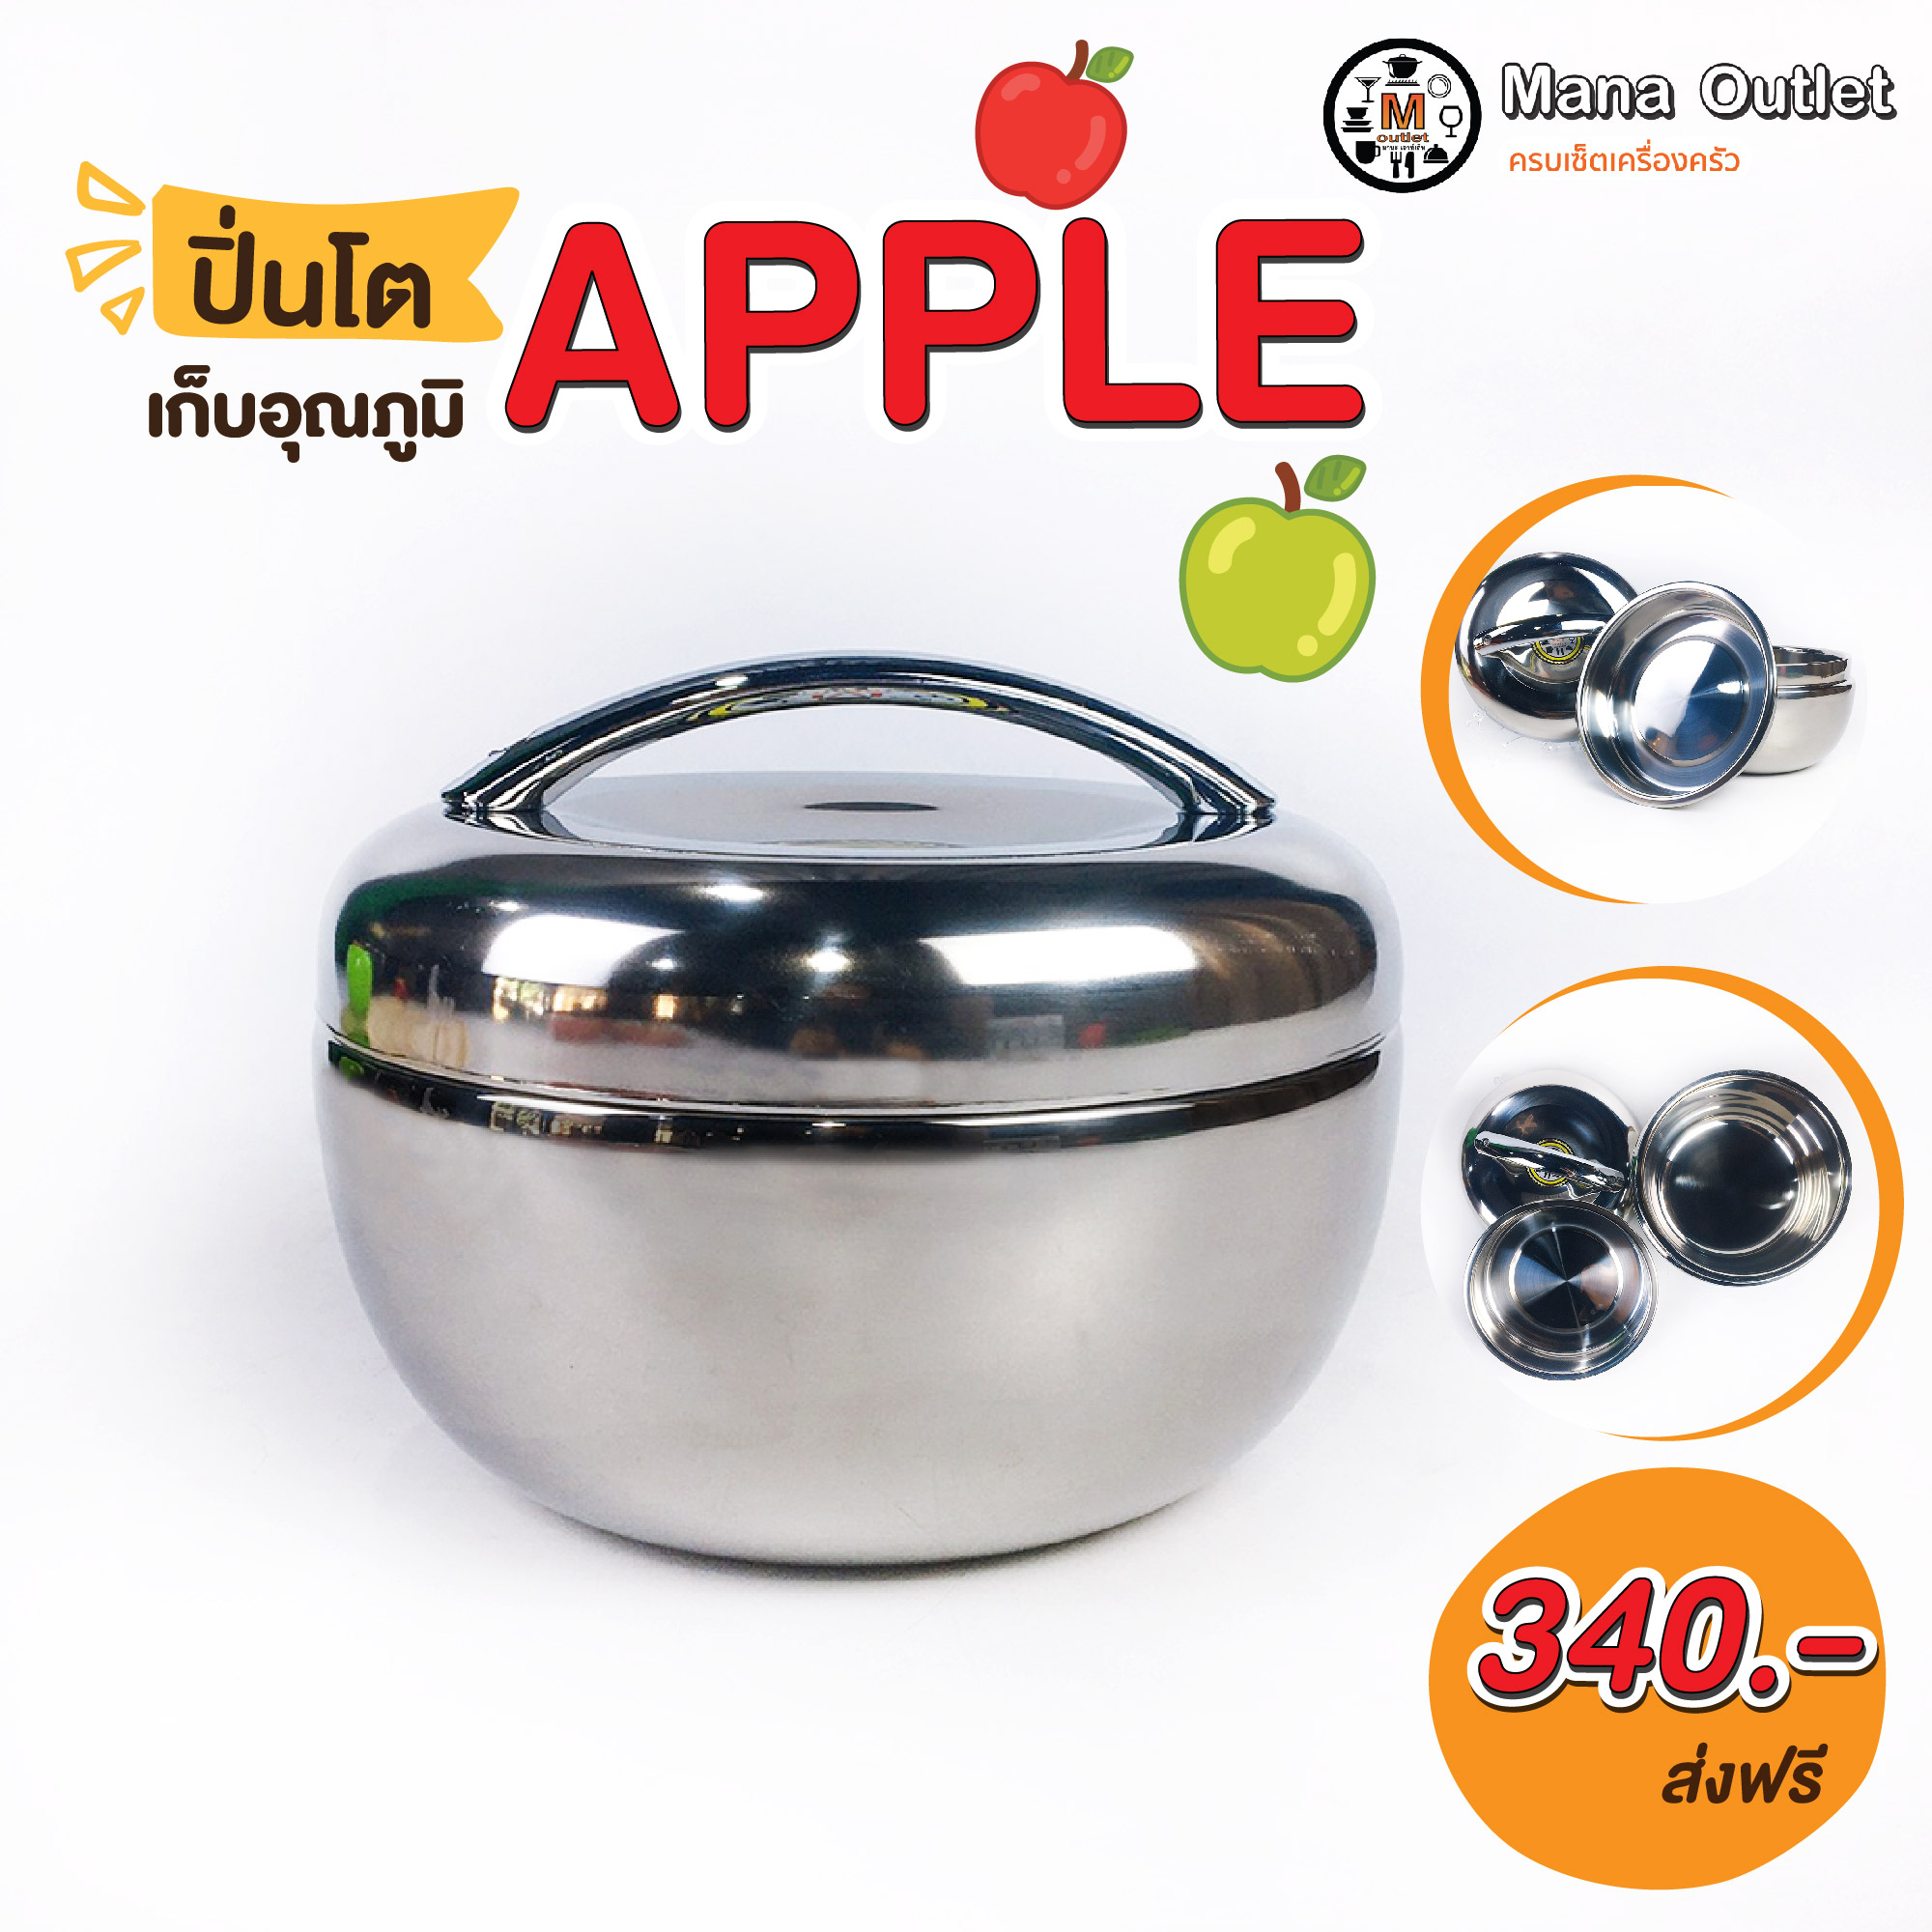 ปิ่นโตแอปเปิ้ลรักษาอุณหภูมิเก็บร้อนเย็น By ManaOutlet